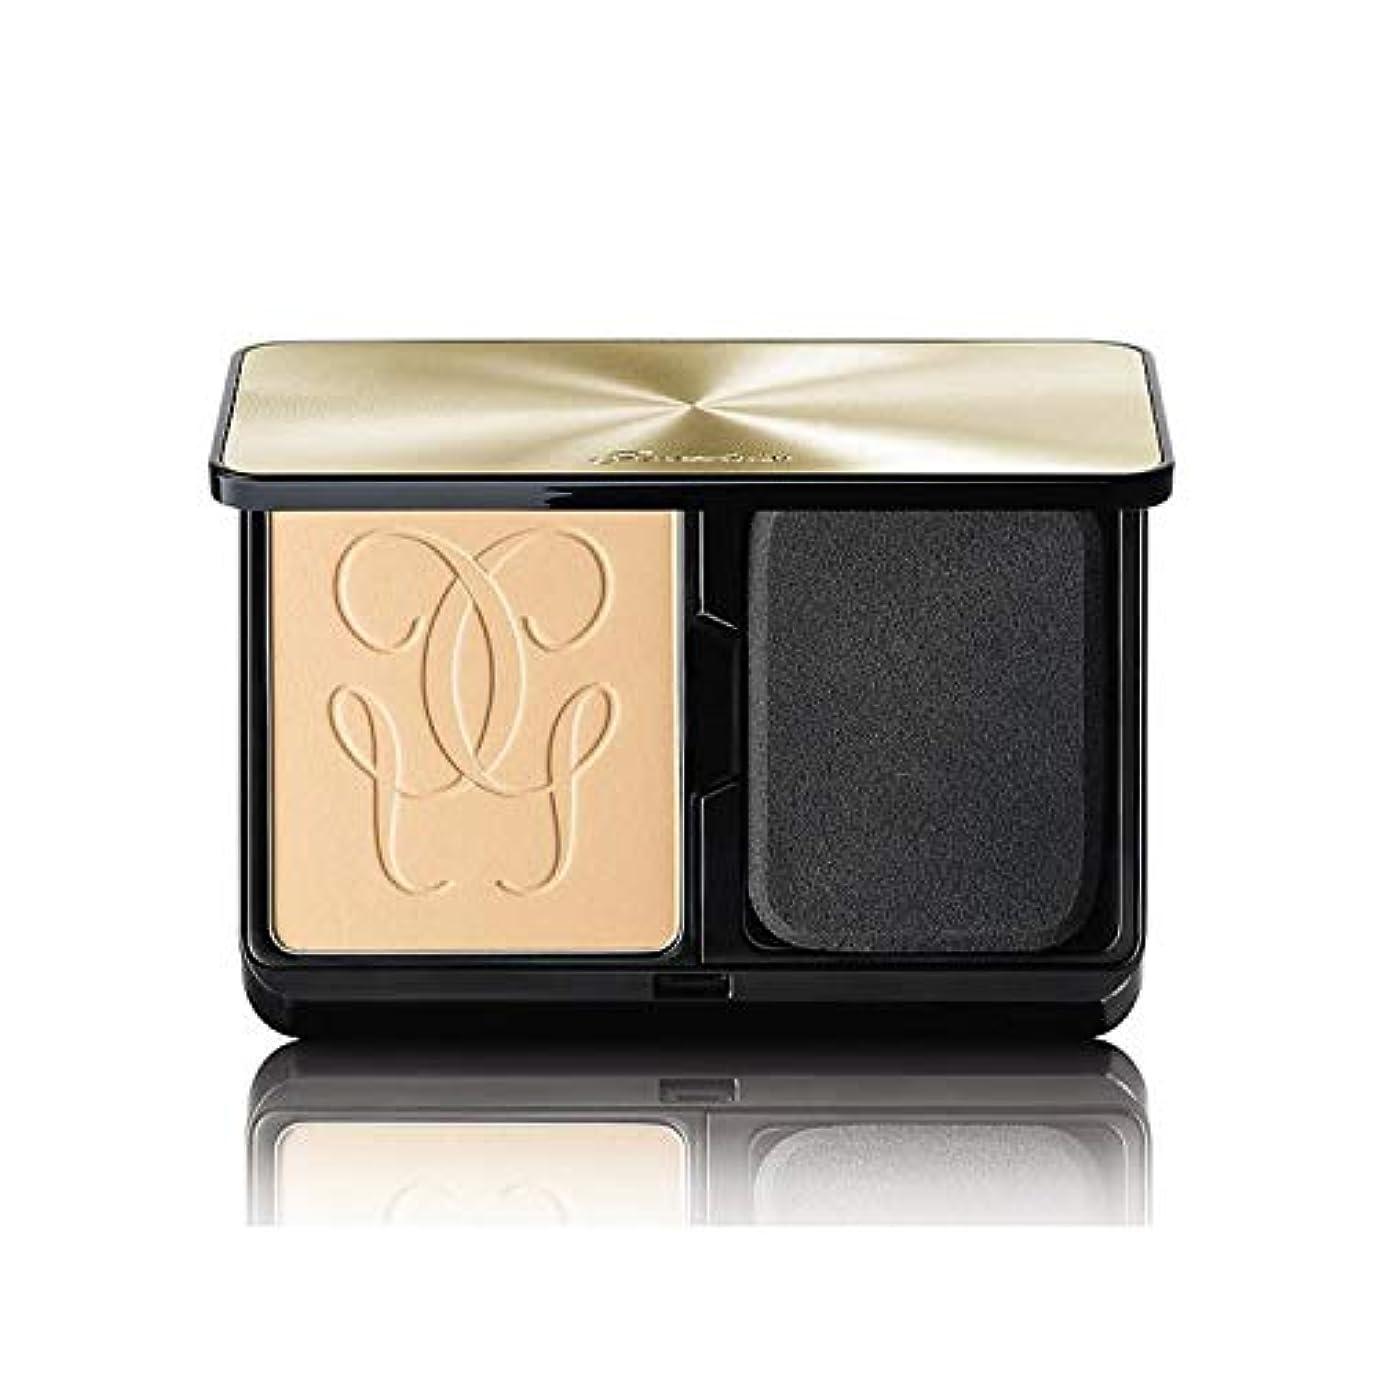 ズームインする体現する迷彩ゲラン Lingerie De Peau Mat Alive Buildable Compact Powder Foundation SPF 15 - # 01N Very Light 8.5g/0.29oz並行輸入品